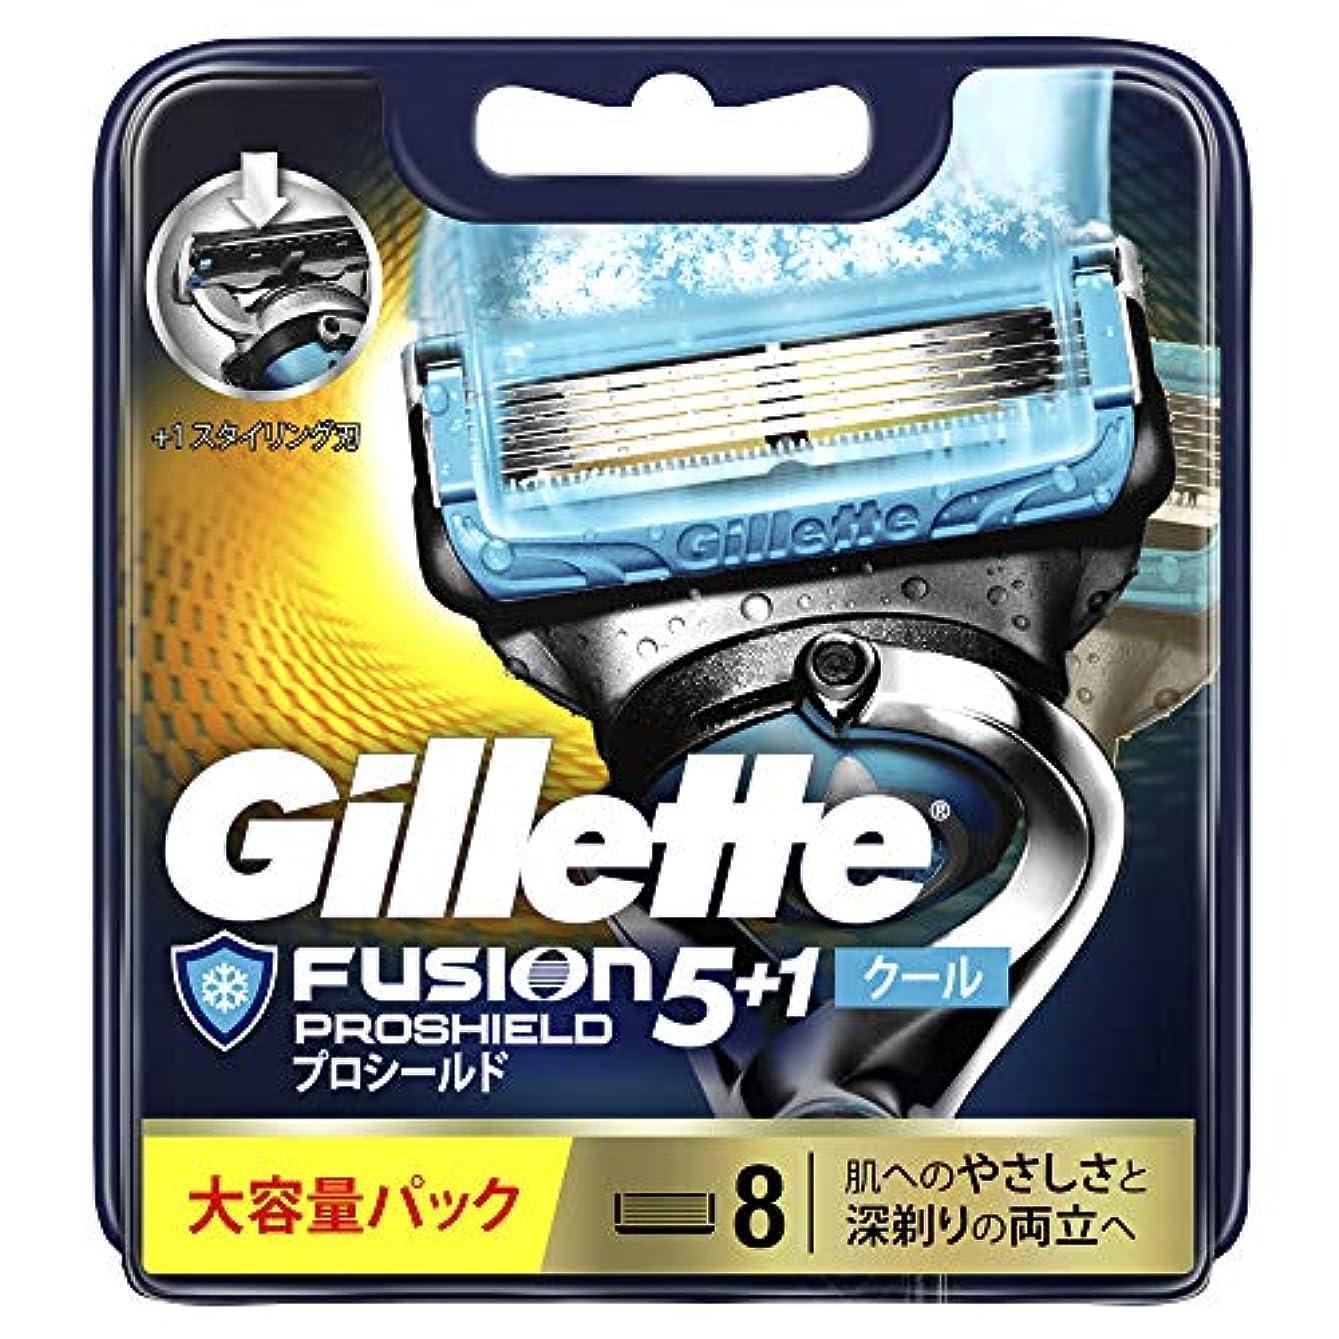 成功した通り便益ジレット 髭剃り フュージョン5+1 プロシールド クール 替刃 8個入